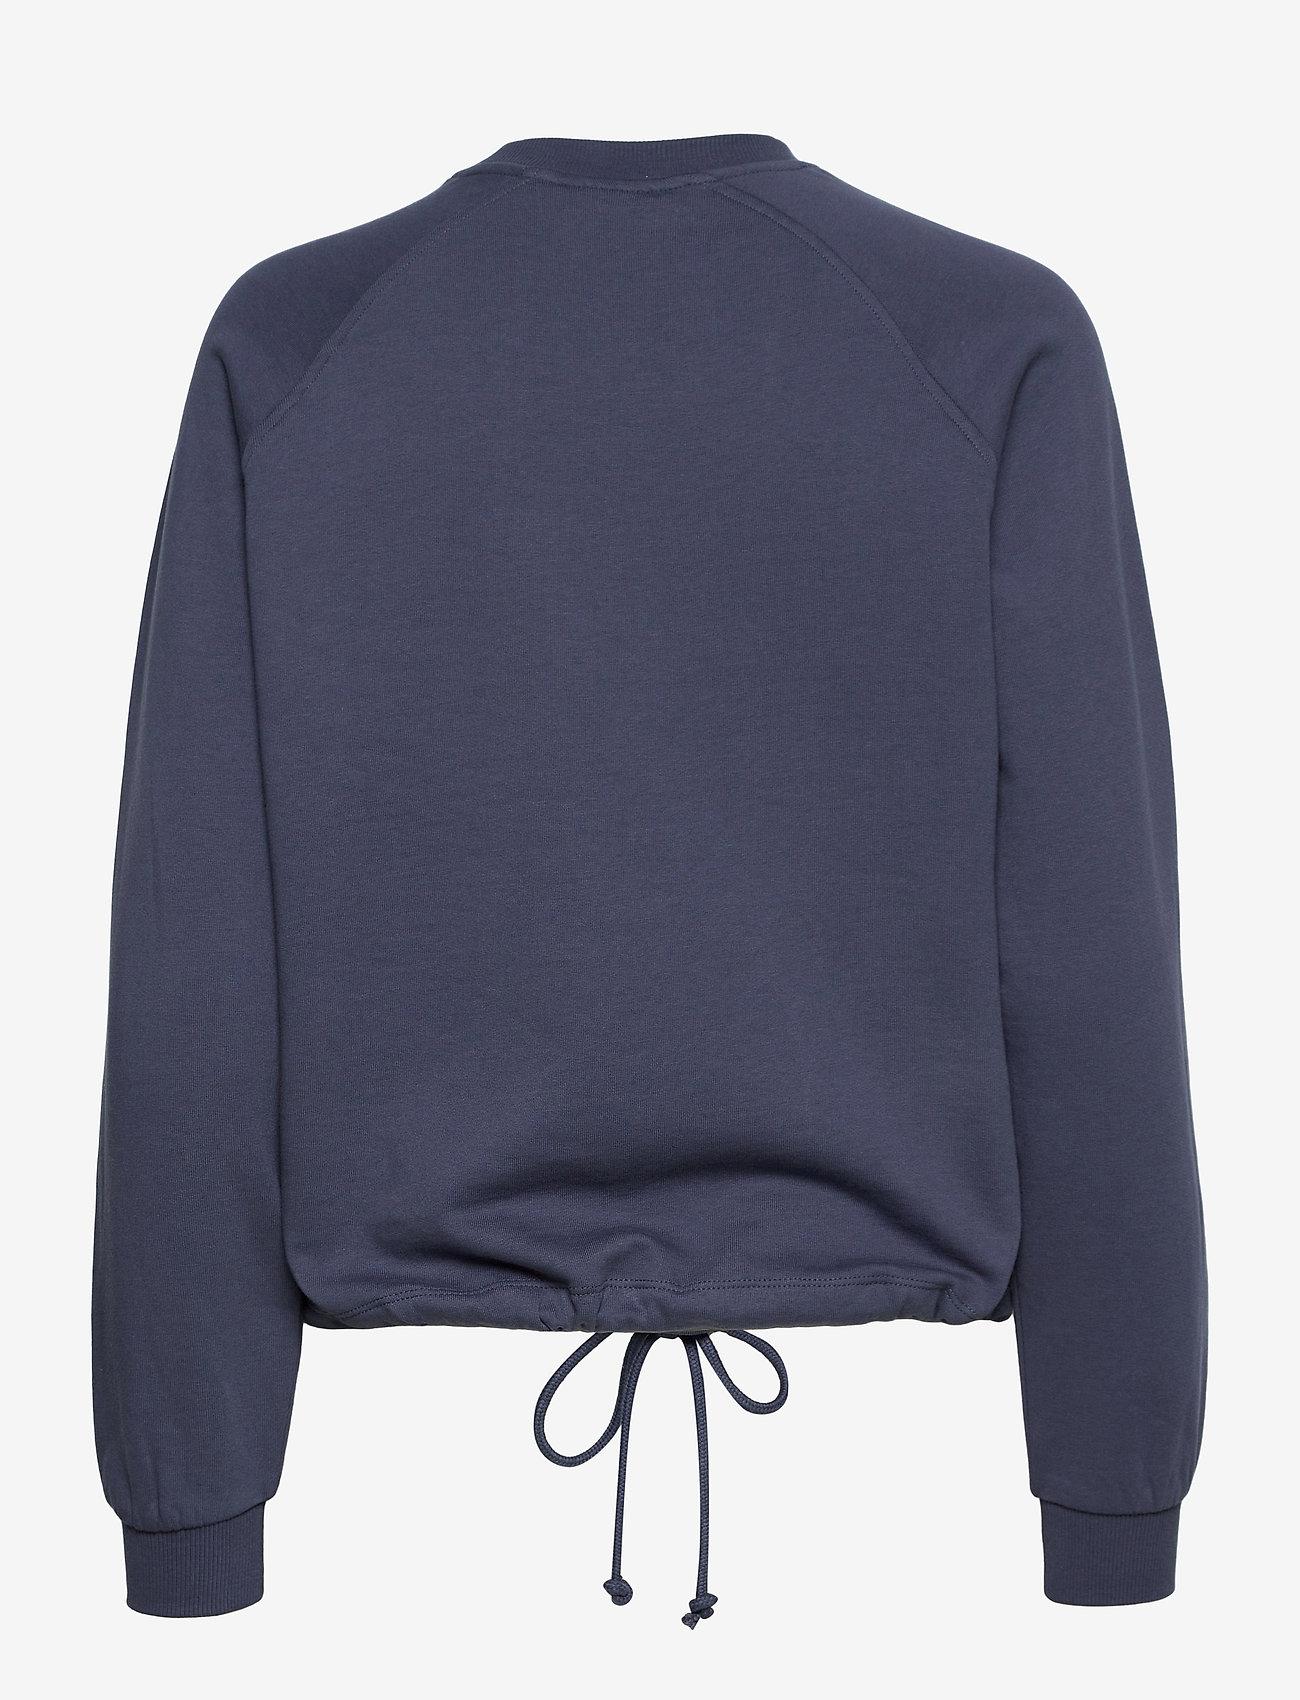 Vero Moda - VMKIRSA LS CREW NECK VMA - sweatshirts & hoodies - vintage indigo - 1